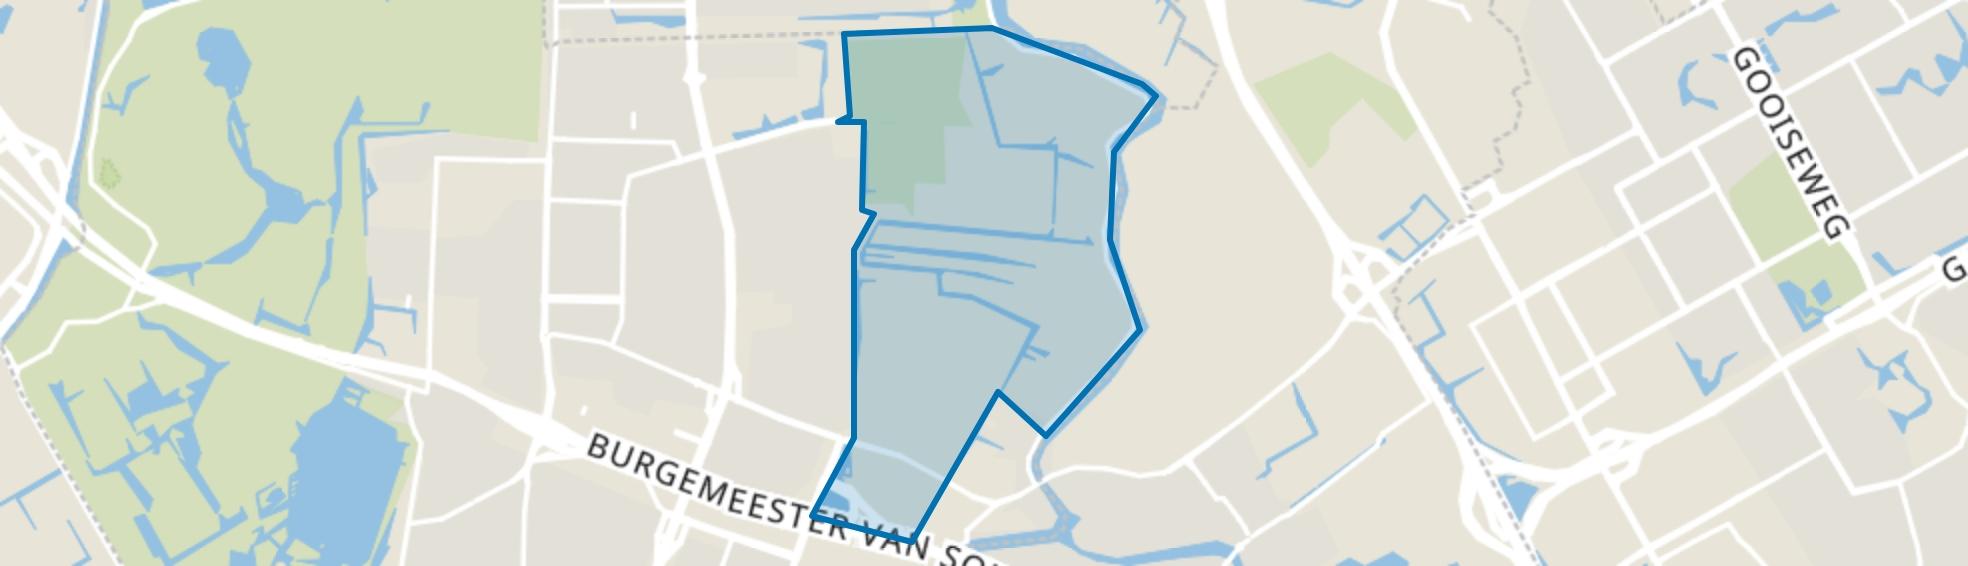 Middelpolder, Amstelveen map